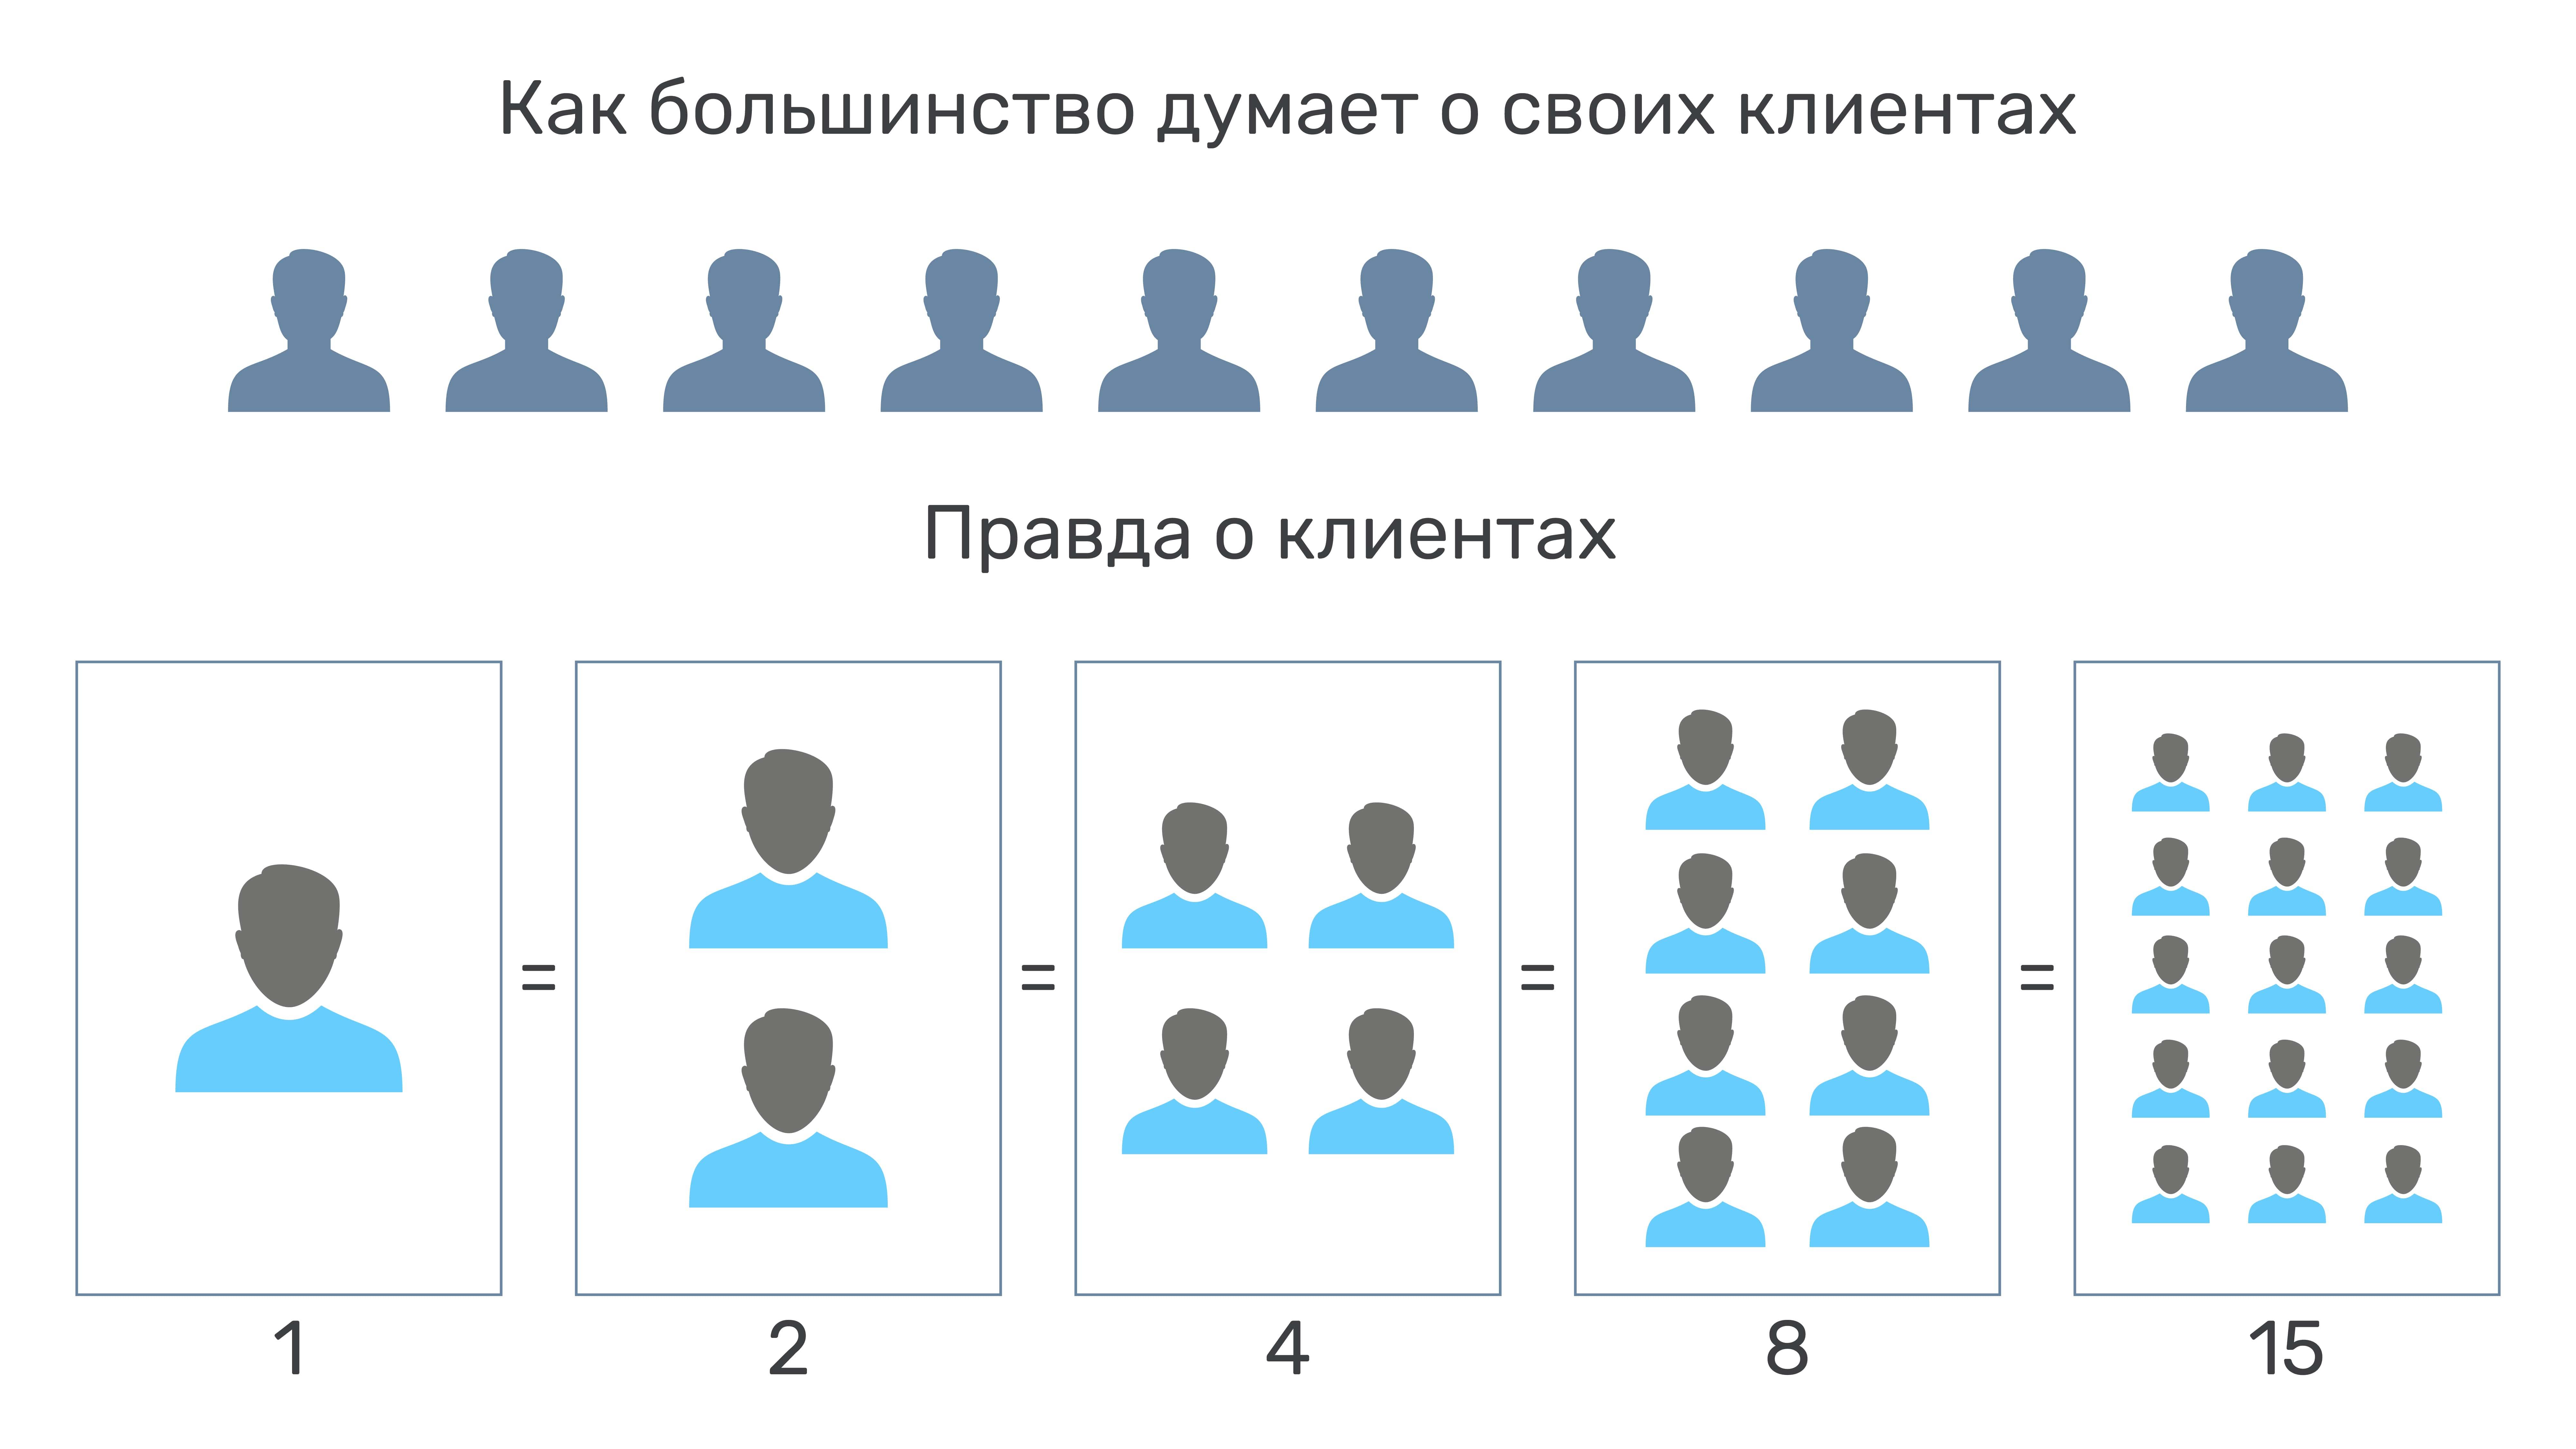 распределение клиентов